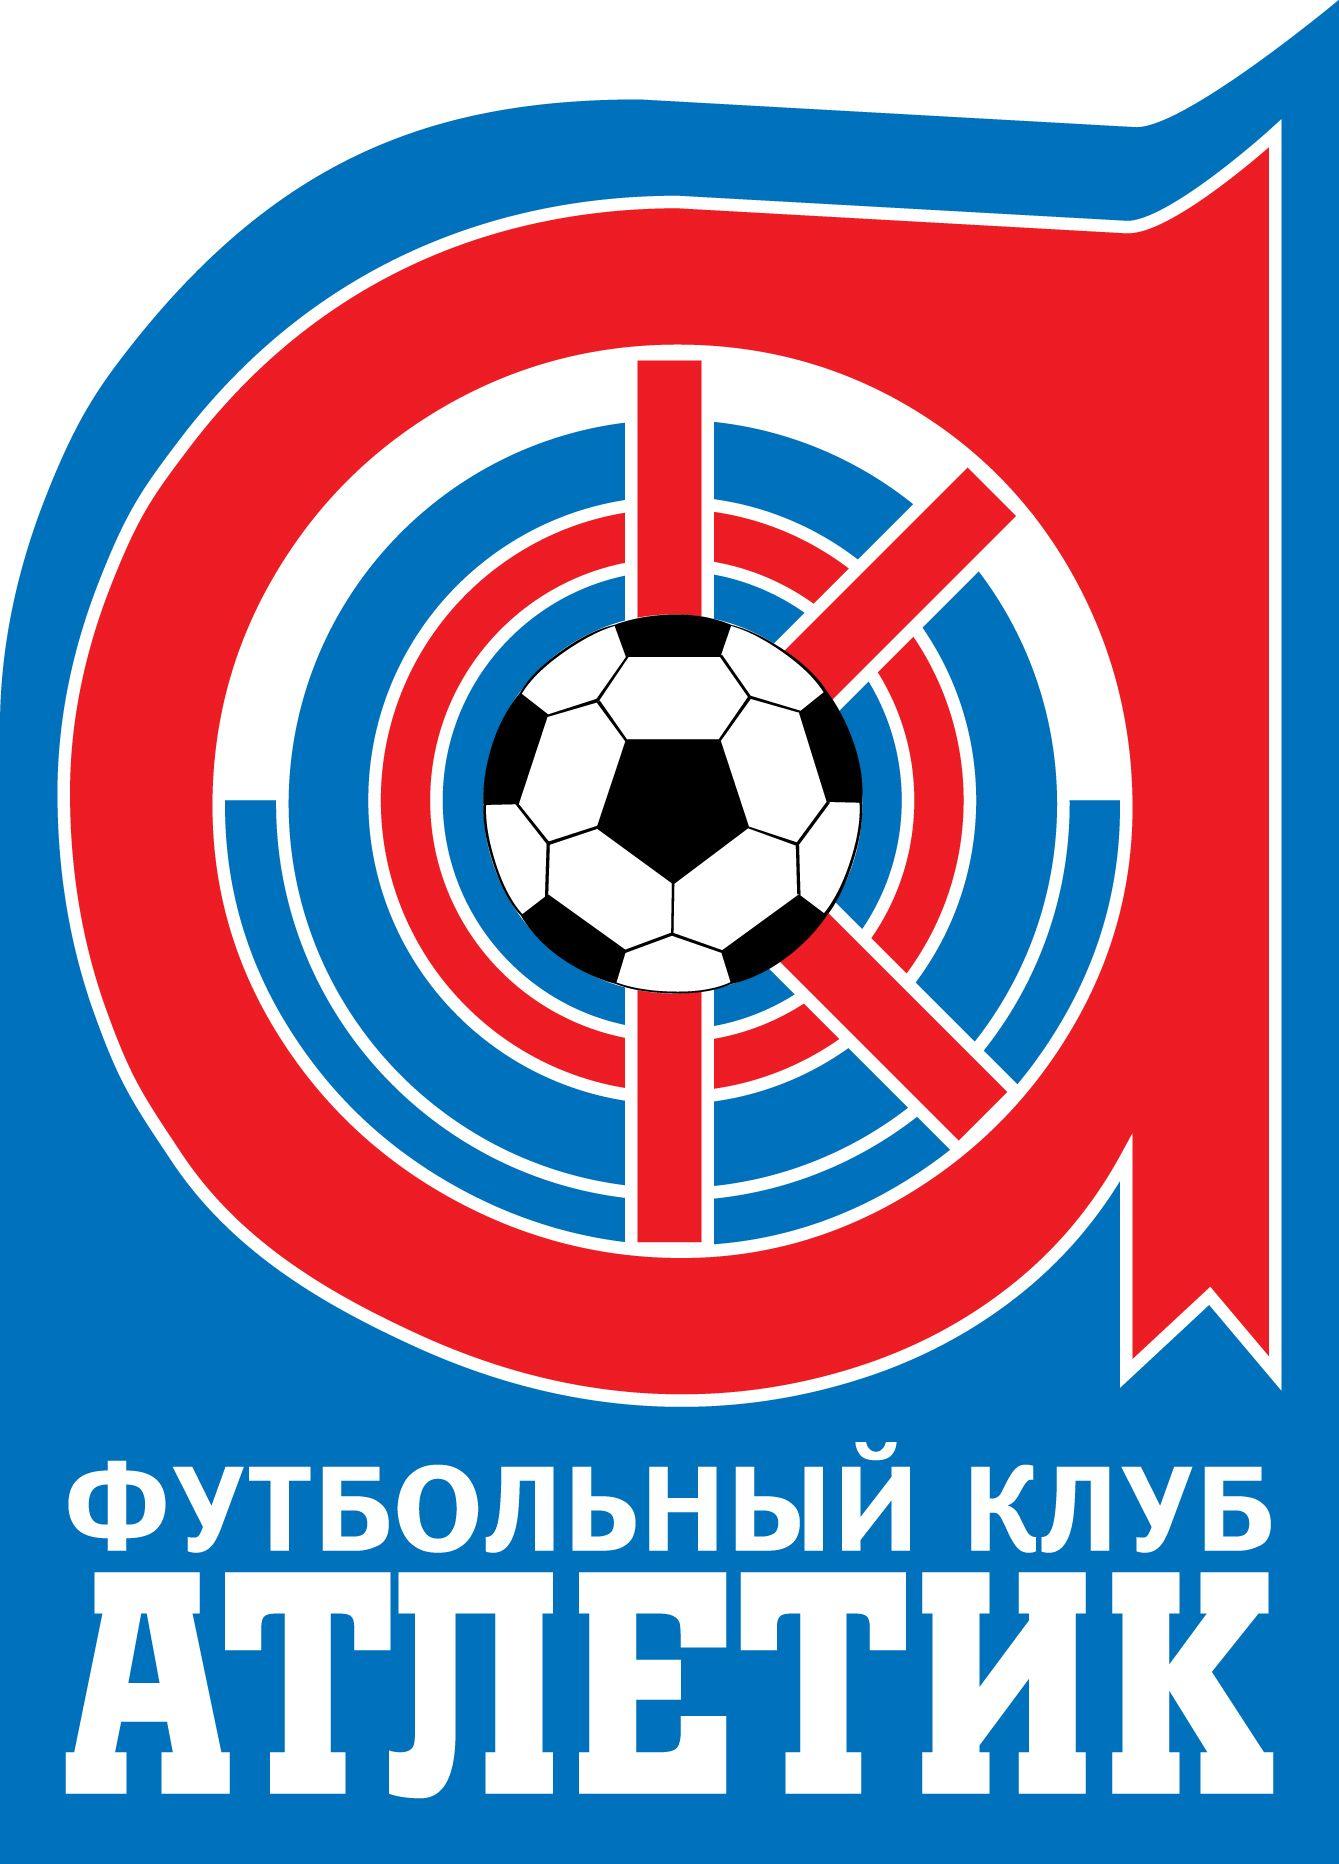 Логотип для Футбольного клуба  - дизайнер Wou1ter